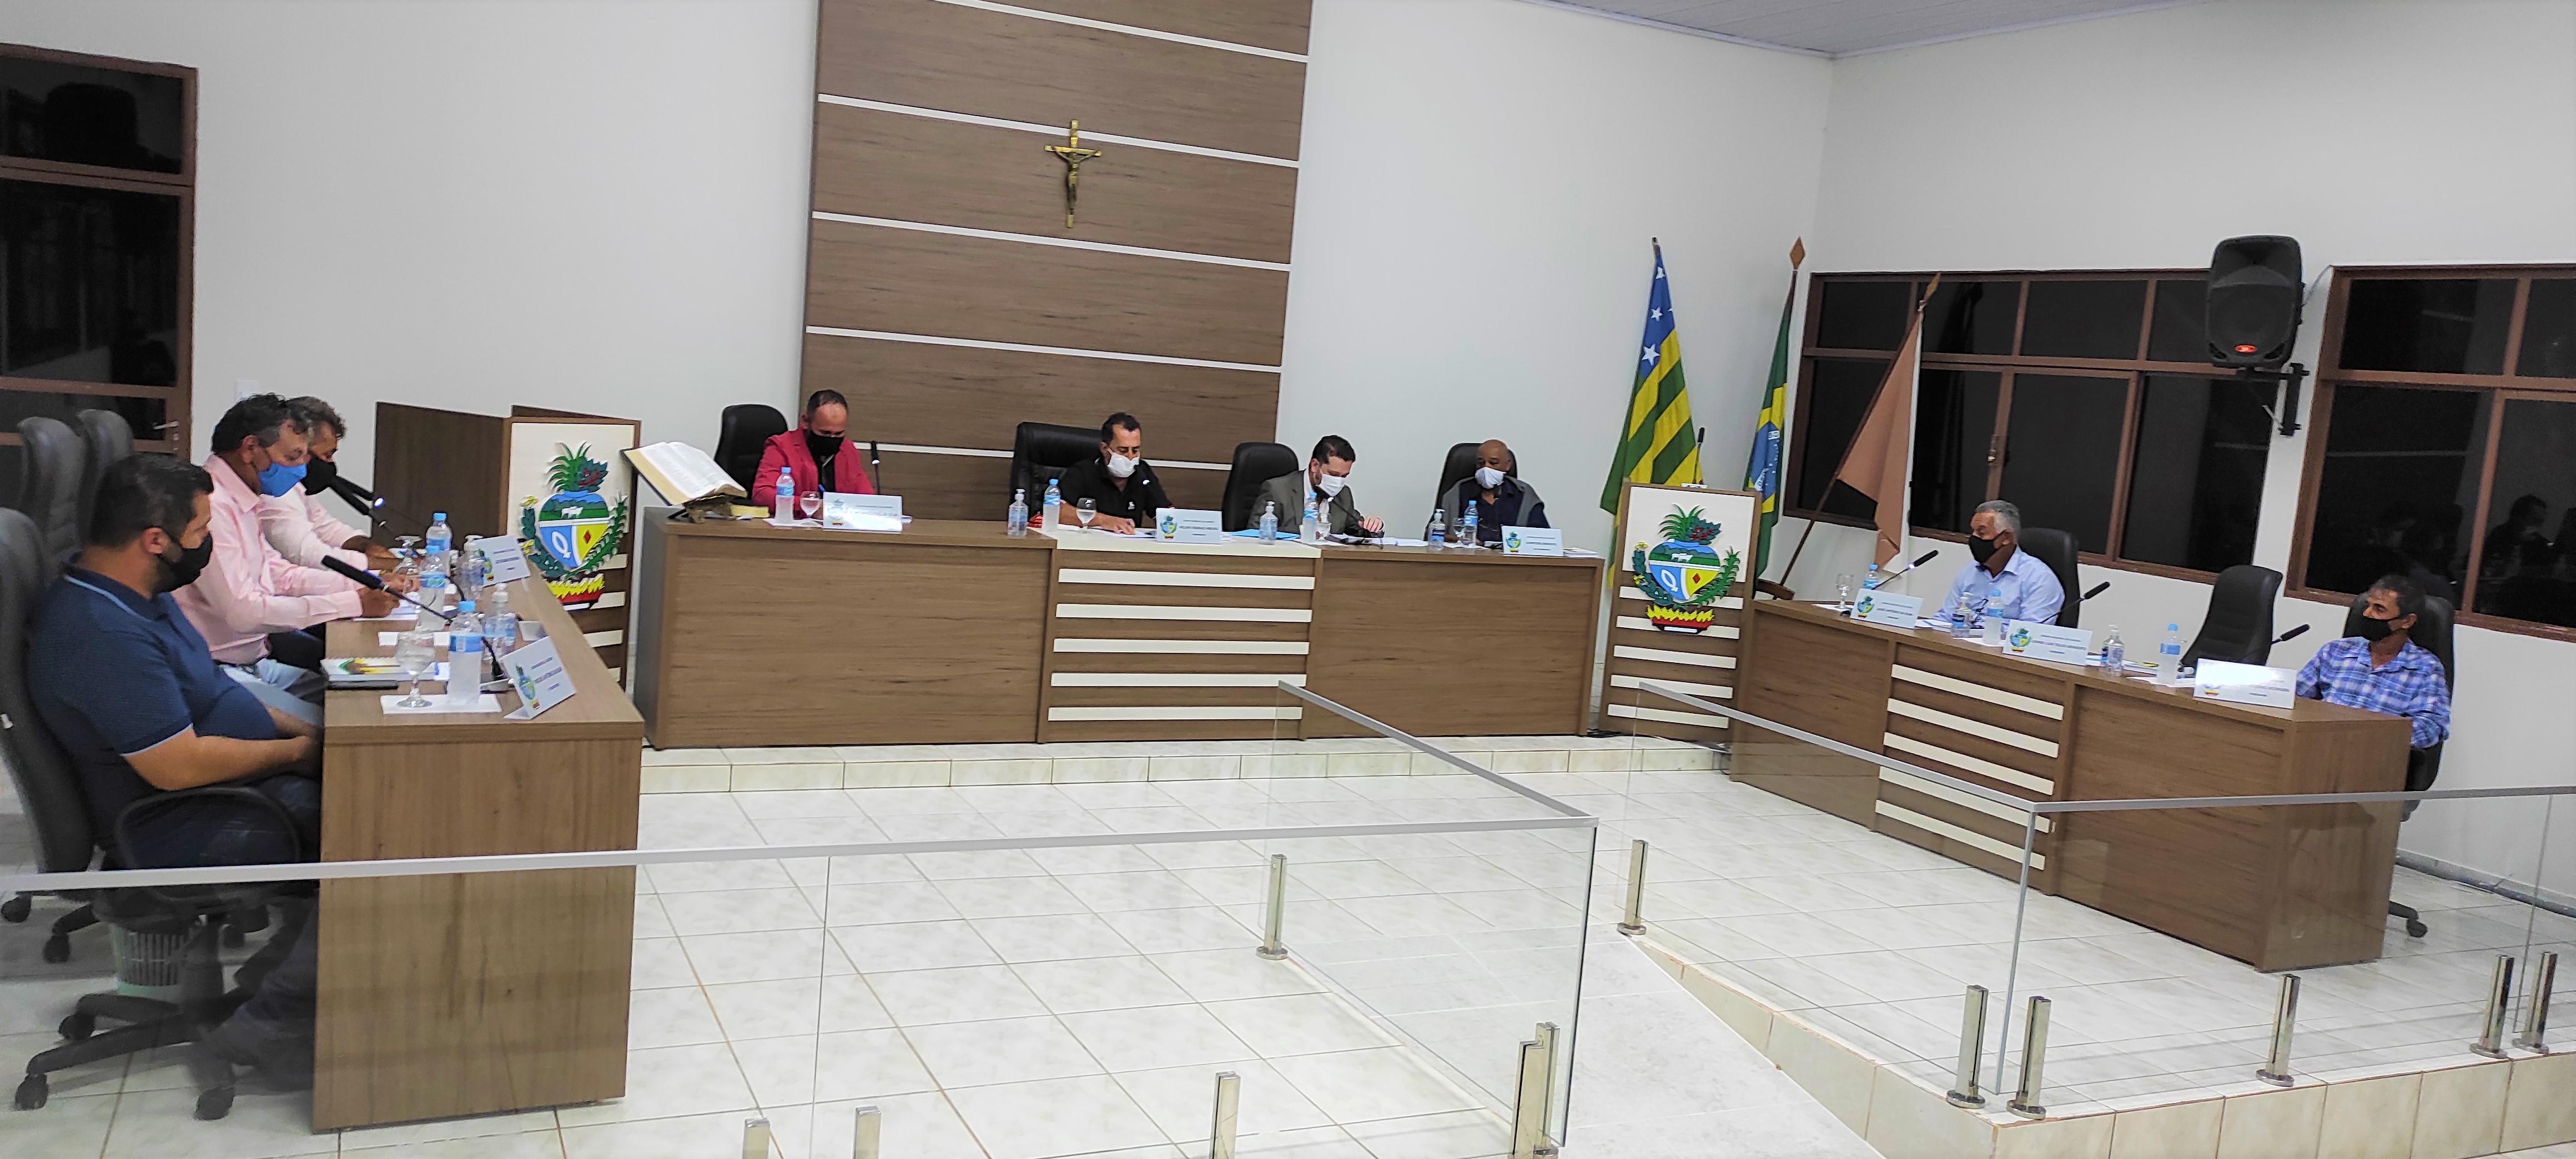 Ouvidor: 2ª Sessão da Câmara conta com a presença do prefeito Cebinha Machado Nascimento